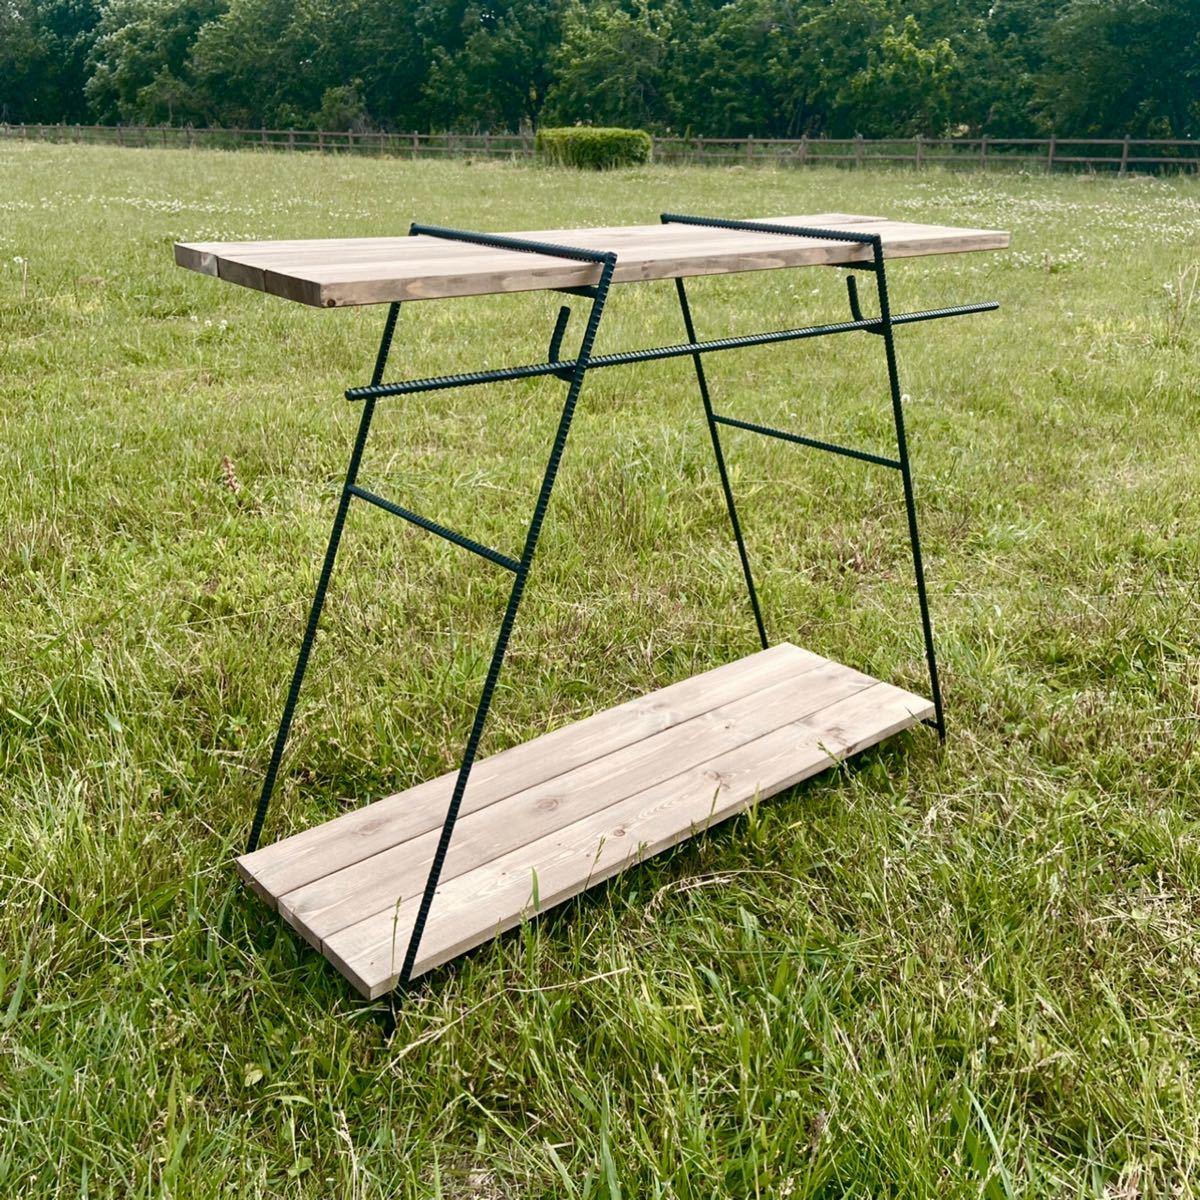 ゴム足付 アイアンラック 80cm アイアンレッグ コクトクラフト アイアンテーブル キャンプ アイアンシェルフ キッチン